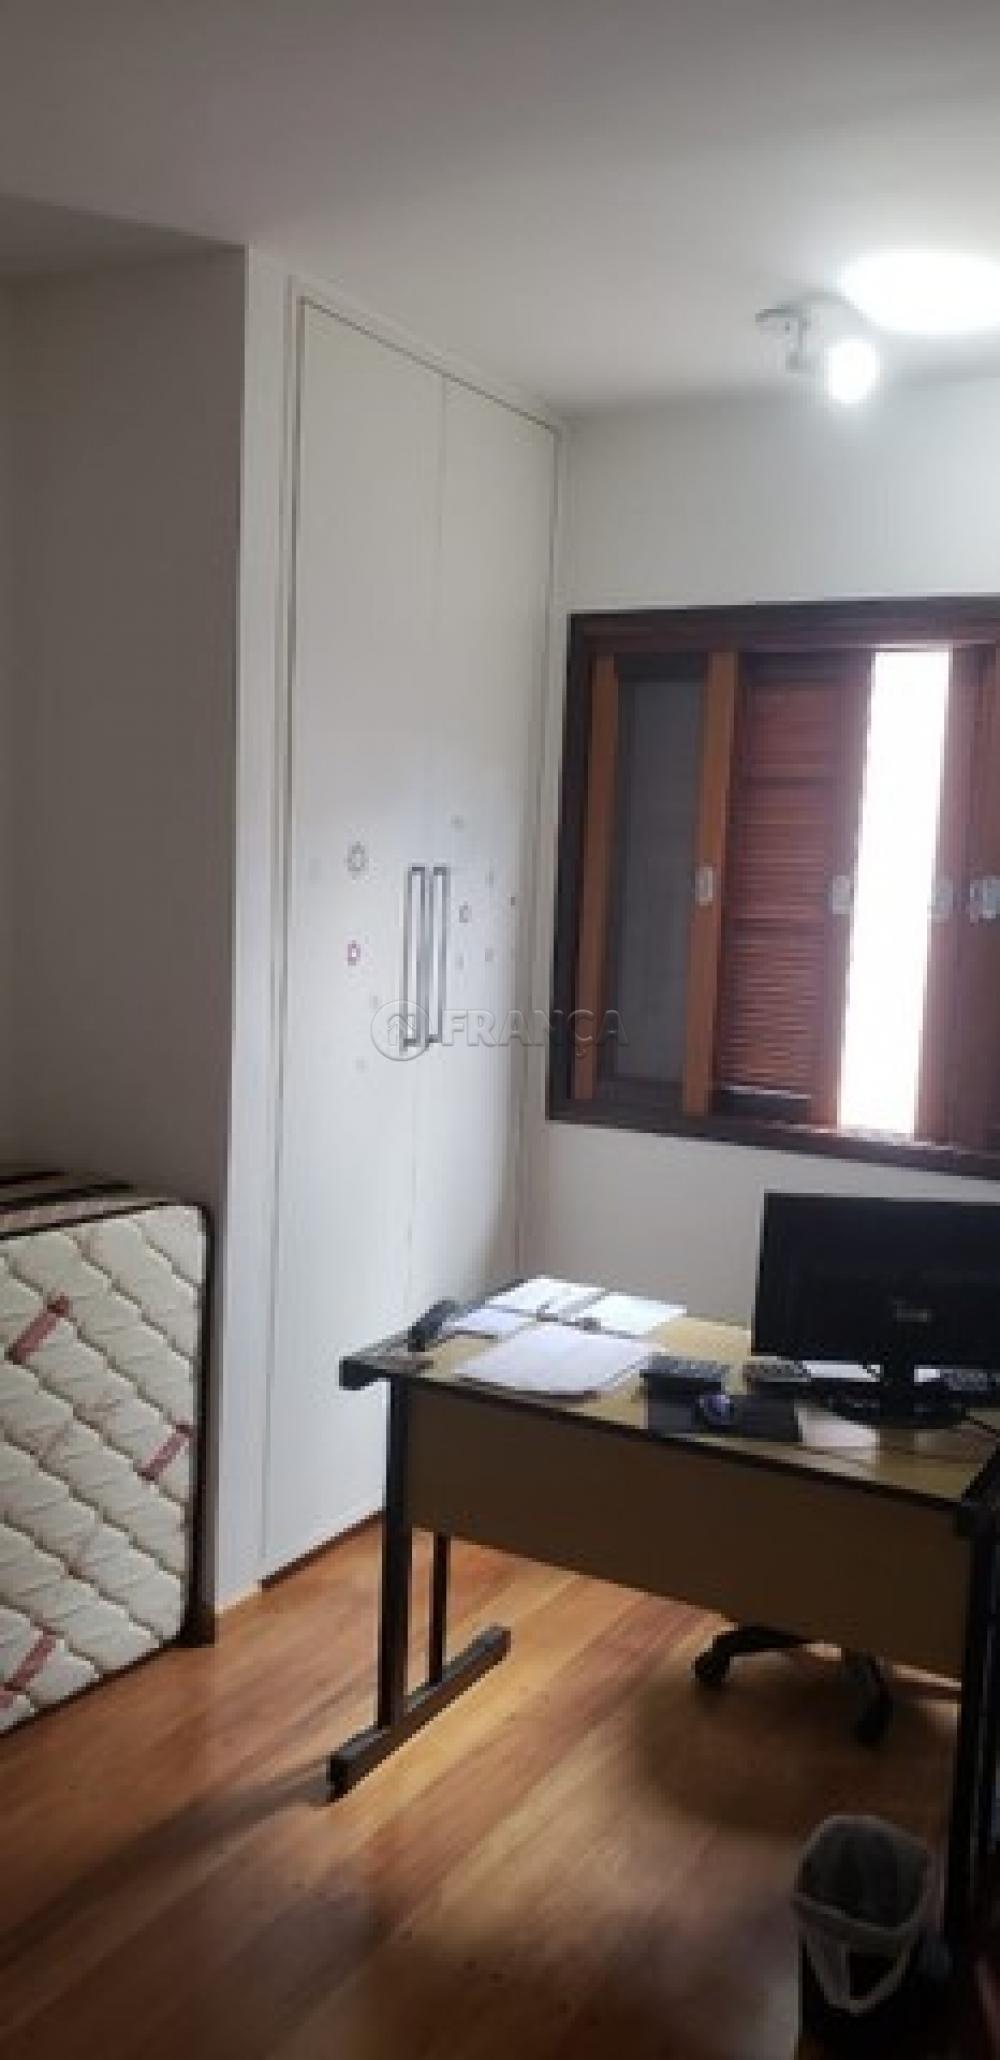 Comprar Casa / Condomínio em Taubaté R$ 420.000,00 - Foto 7